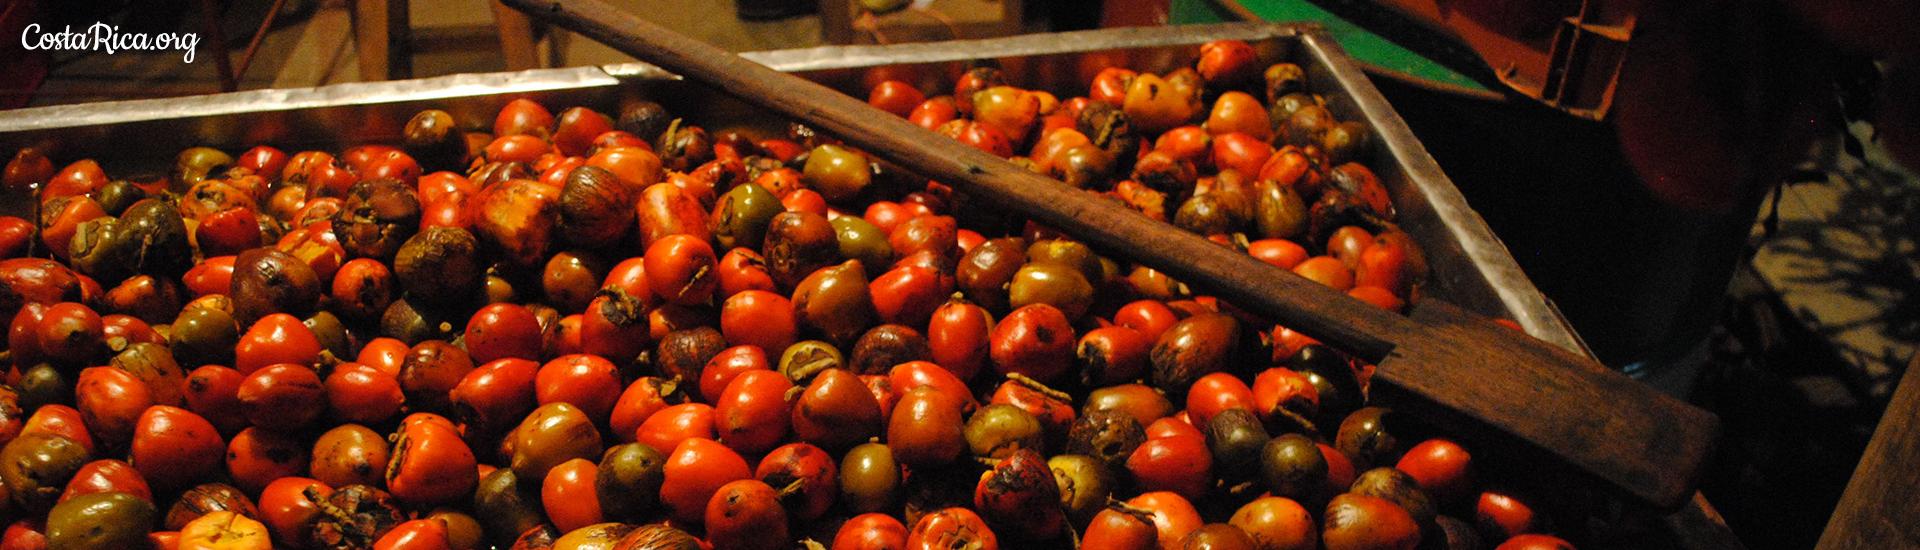 Frutas de Costa Rica